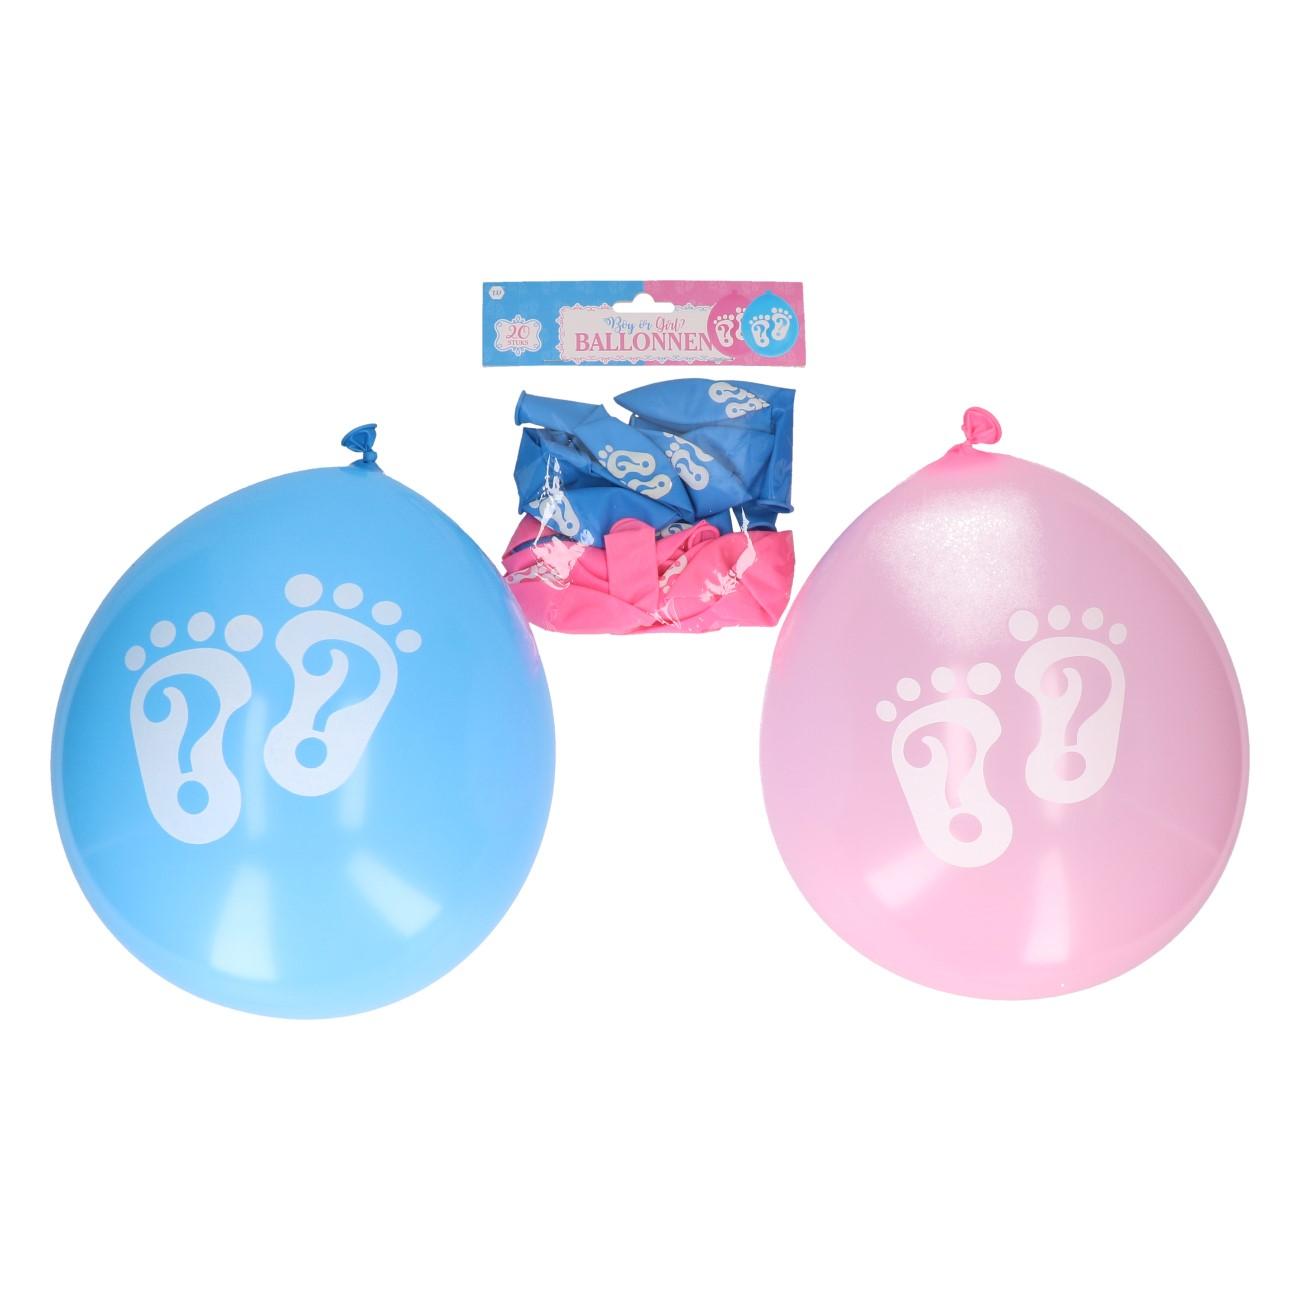 """Ballonnen """"boy or girl"""" 20 stuks"""